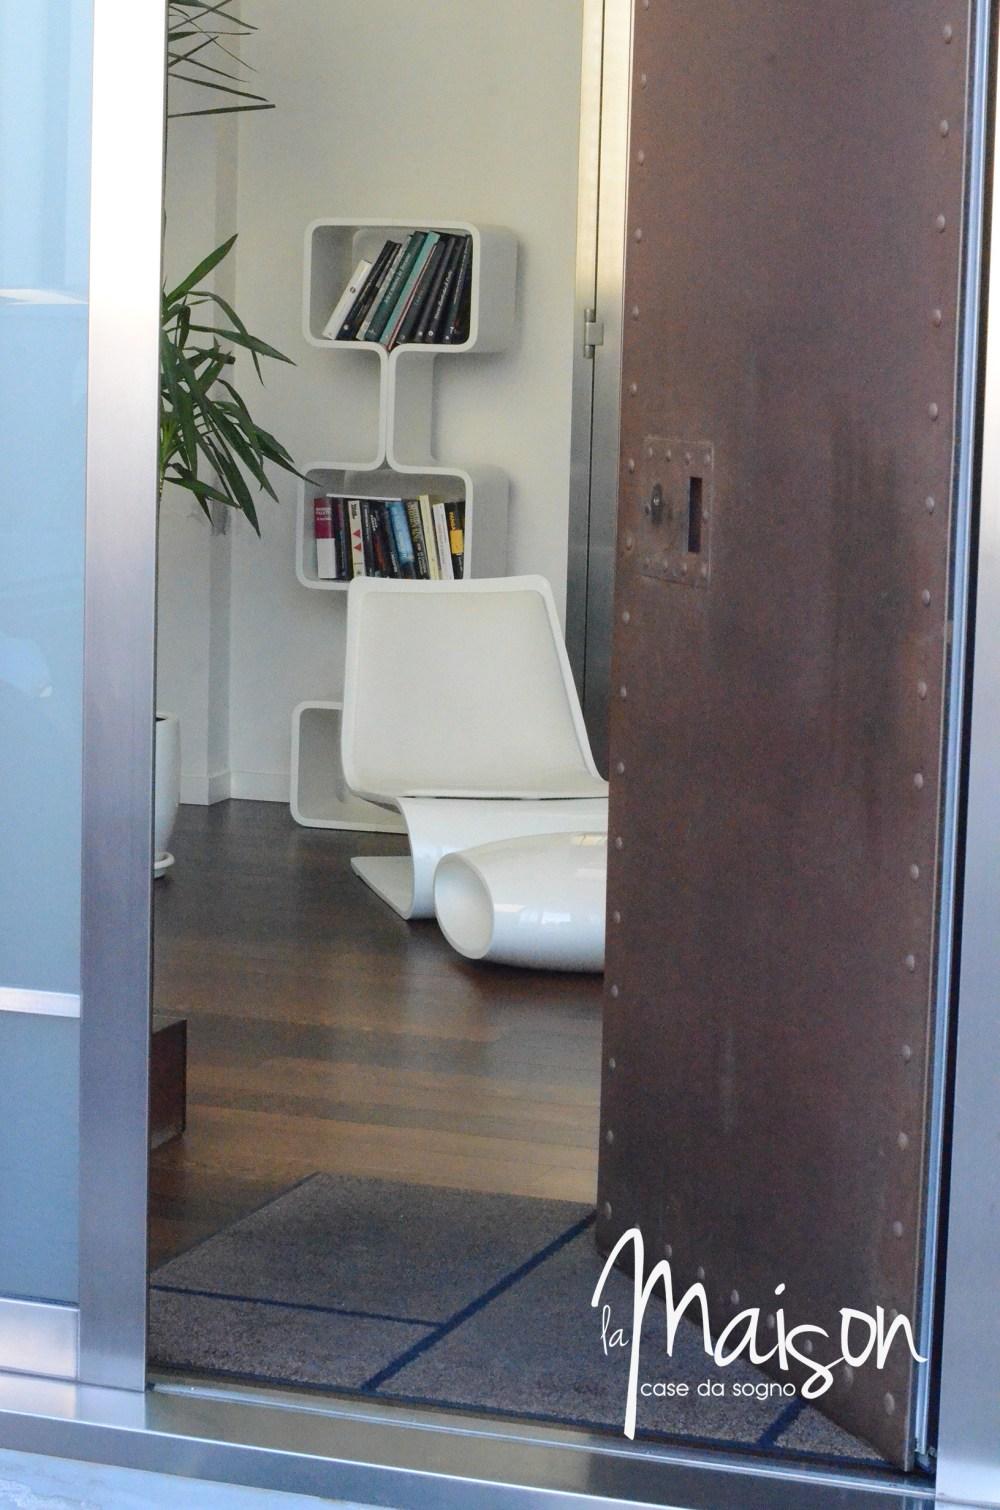 loft in vendita a prato case vendita prato studio immobiliare santa lucia agenzia immobiliare la maison case da sogno prato loft con giardino16.JPG